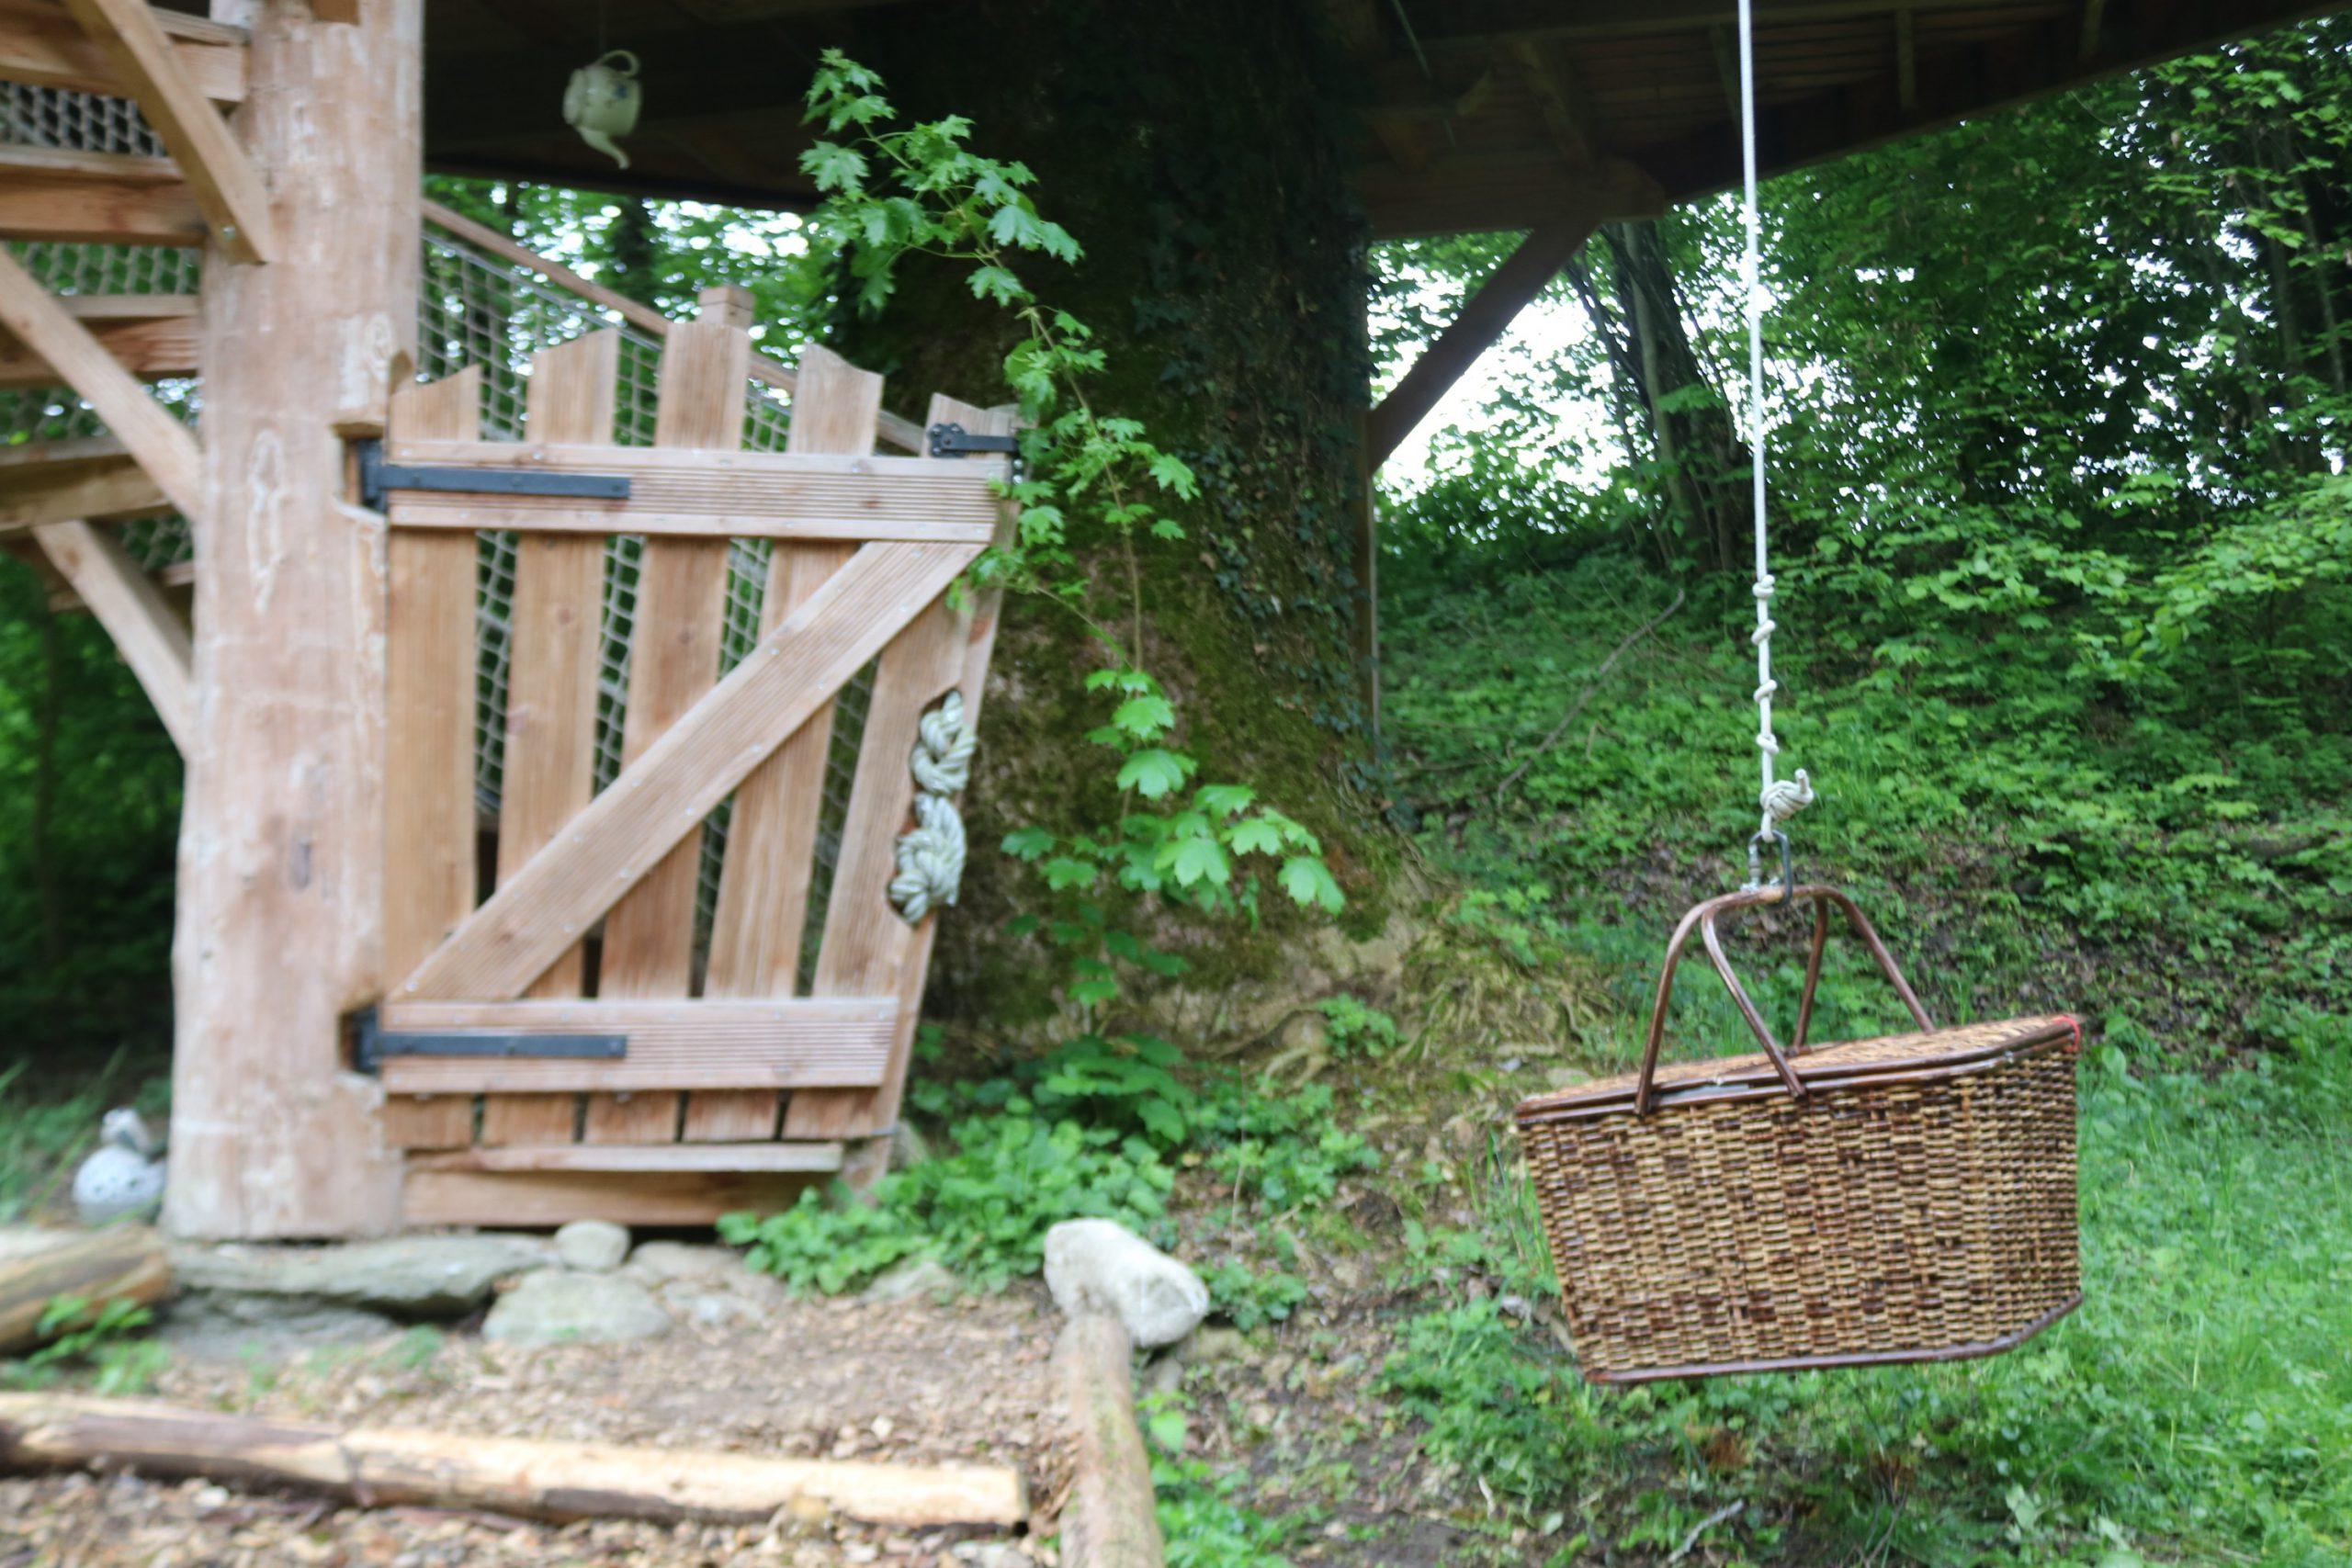 dormir dans les arbres cabanes marie thereseandthekids petits bonheur vidéo